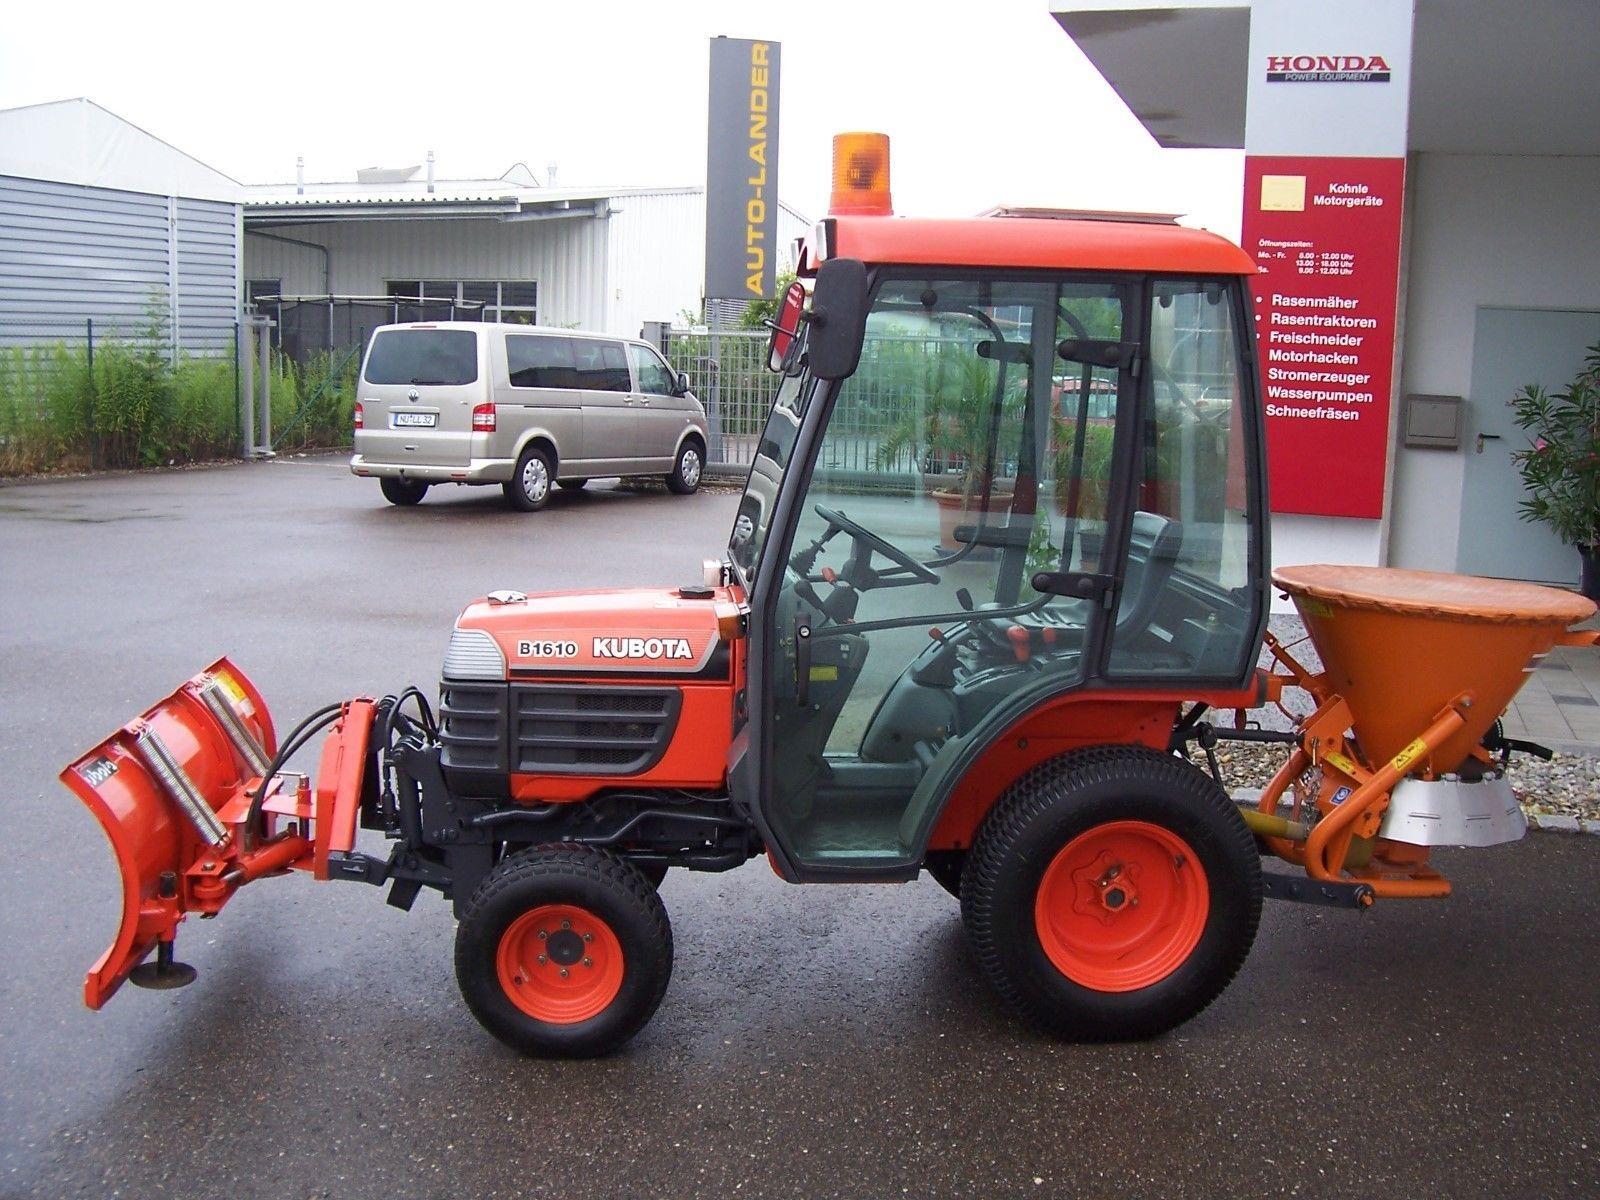 Gut Erhalten Kubota Diesel Traktor B 1610 Mit Kabine Kubota Dieseltraktor B 1610mit Kabine Gebrauchtgerat 3 Zylinder Di Dieselmotor Schaltgetriebe Getriebe